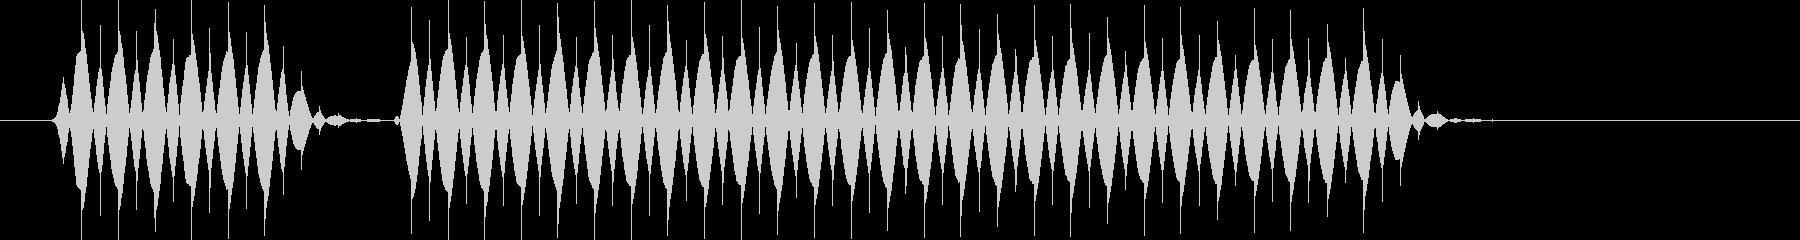 ぶぶーの未再生の波形